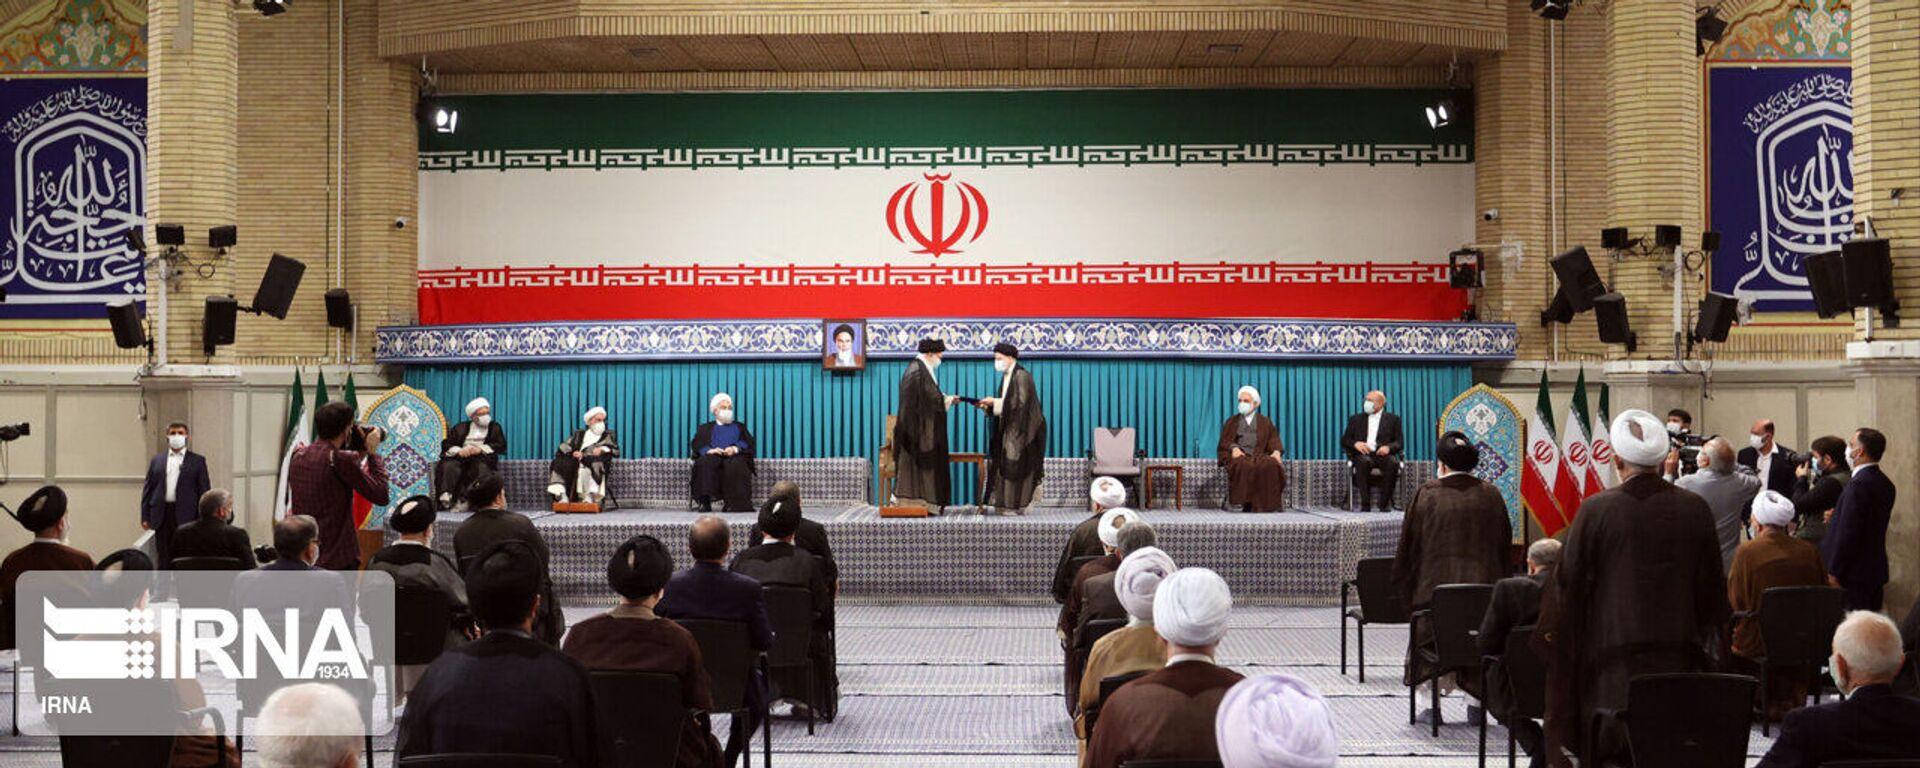 Церемония утверждения в должности нового президента Ирана духовным лидером - Sputnik Таджикистан, 1920, 05.08.2021